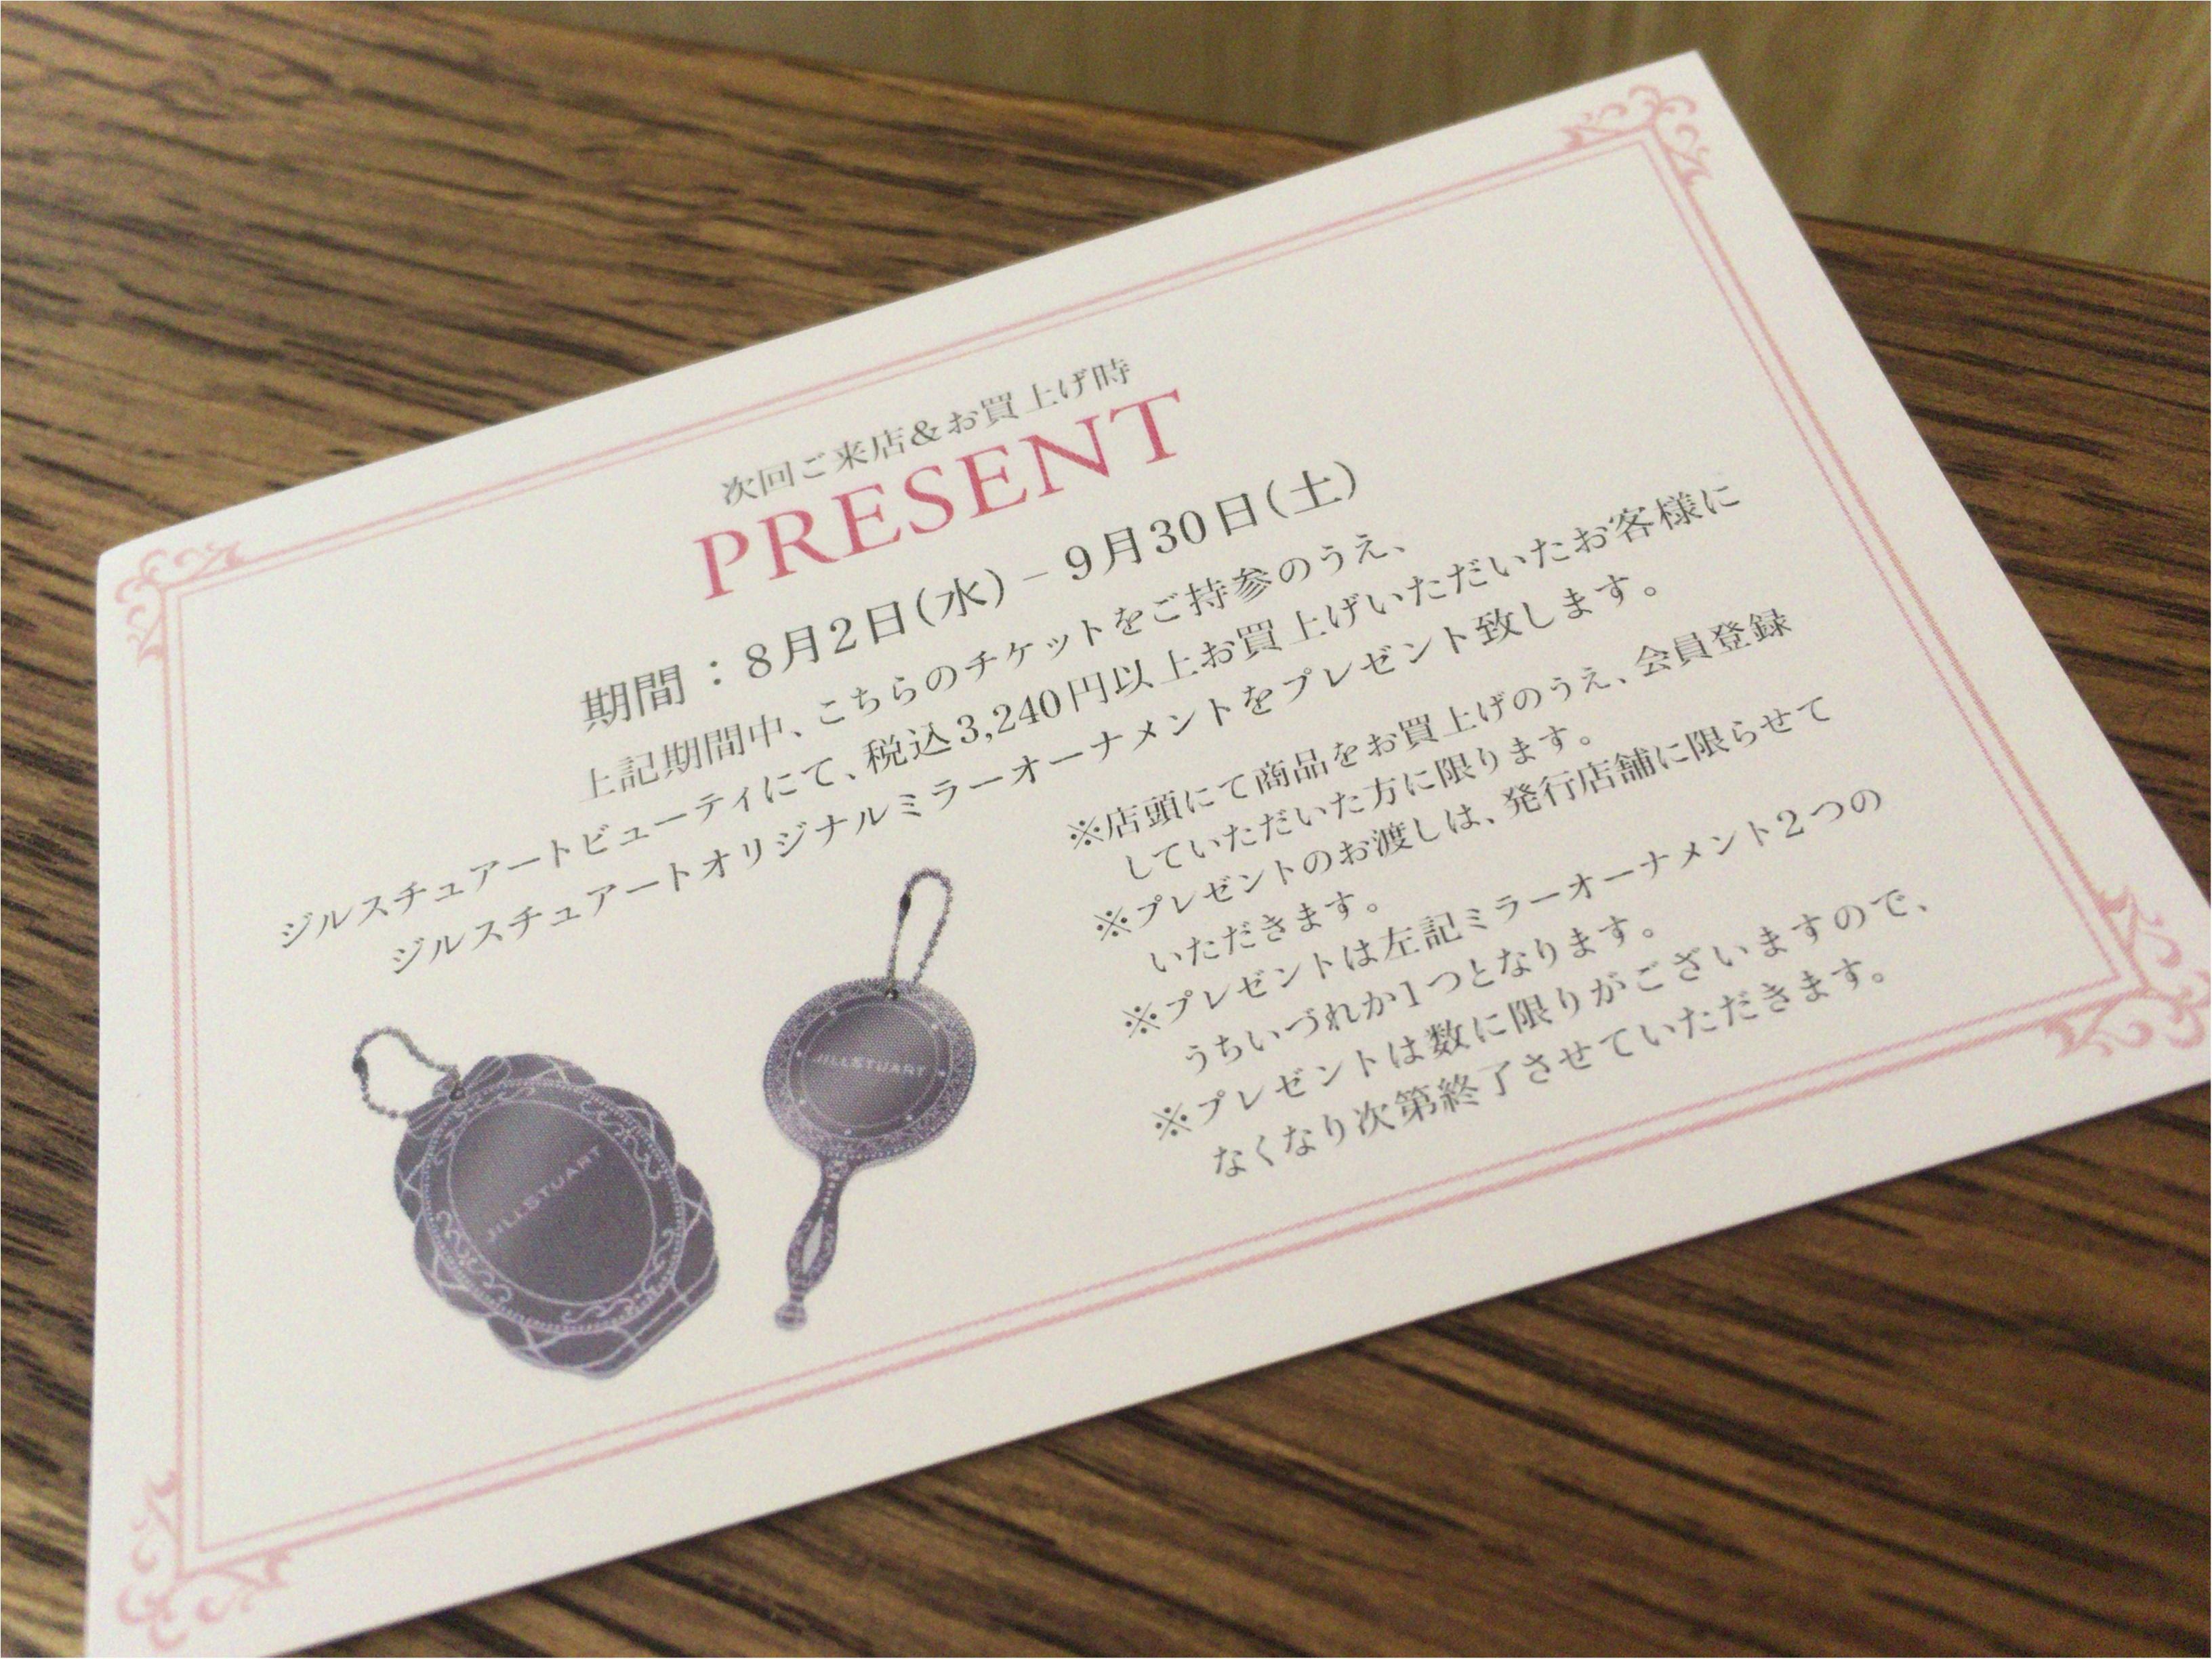 【ピンク色の刻印リップ】ジル新作秋コスメ♡限定イベント《ブロッサム》三都市開催!先着プレゼントも豪華♡_13